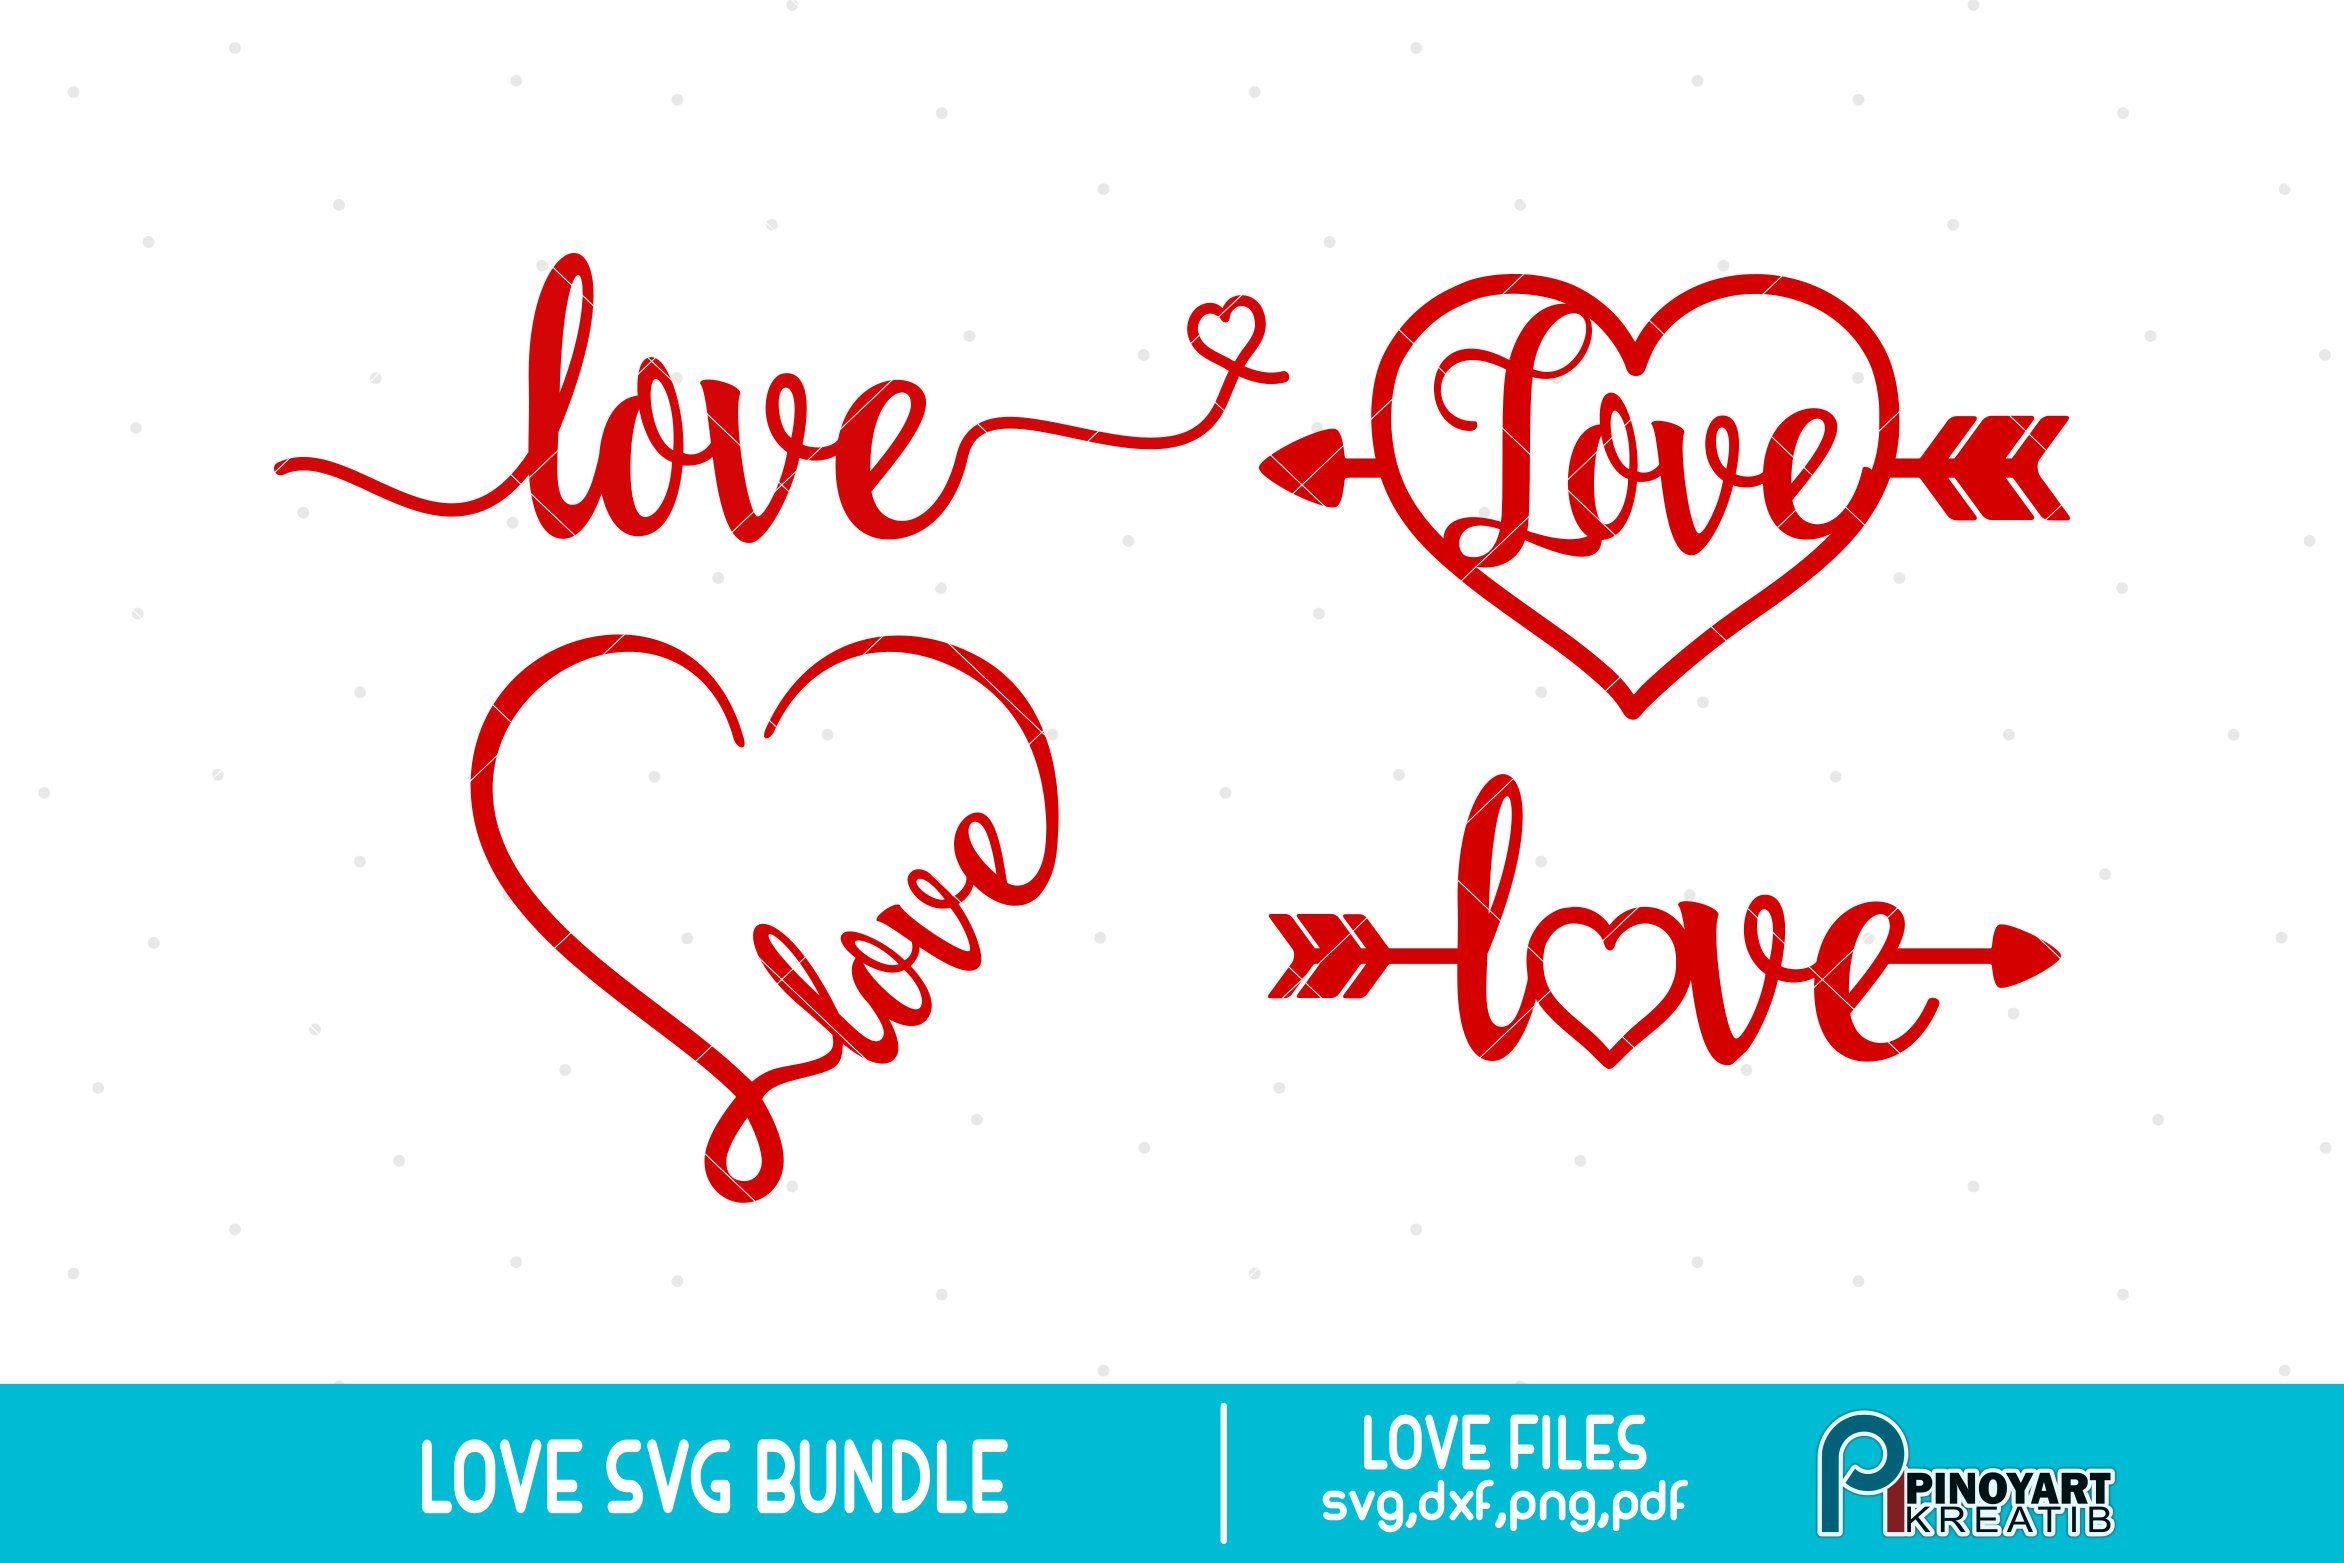 Love Svg Bundle Love Svg Valentine Heart Svg Valentines Day Svg Love Arrow Svg Love Heart Svg Heart Svg Svg Files For Cricu Valentines Svg Svg Arrow Svg